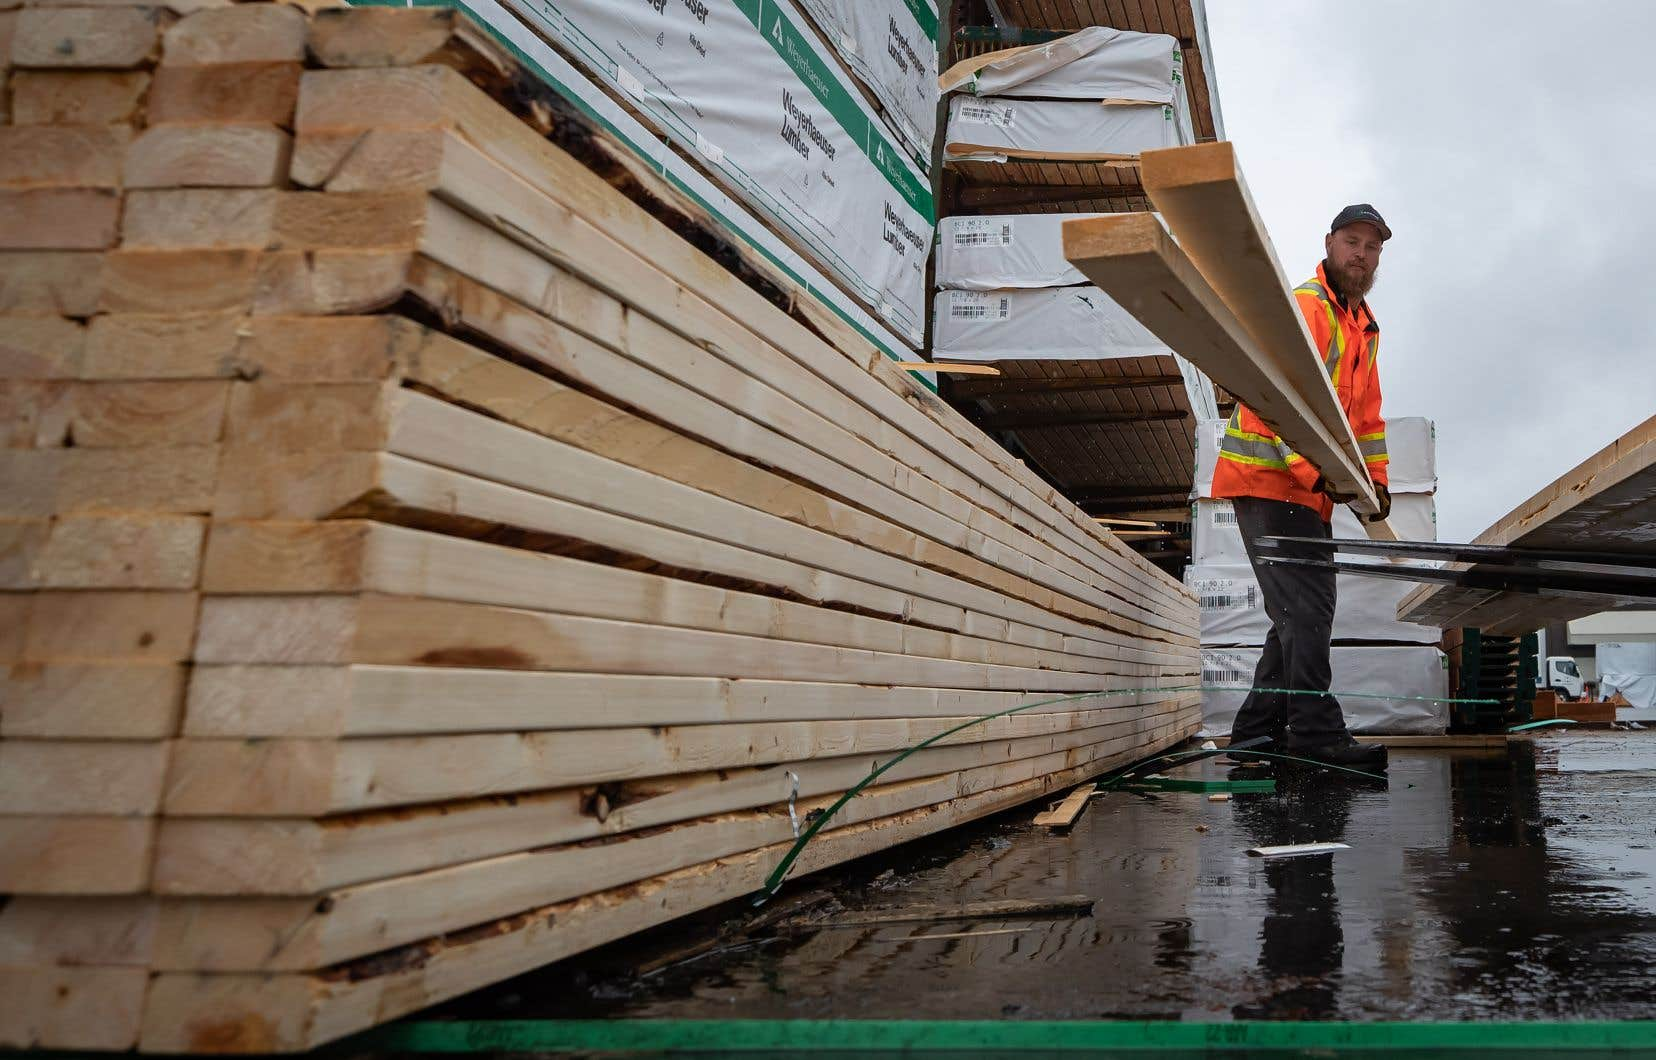 Les exportations canadiennes de bois d'œuvre jouent un rôle essentiel aux États-Unis, où la demande de produits du bois utilisés dans la construction dépasse considérablement l'offre intérieure.